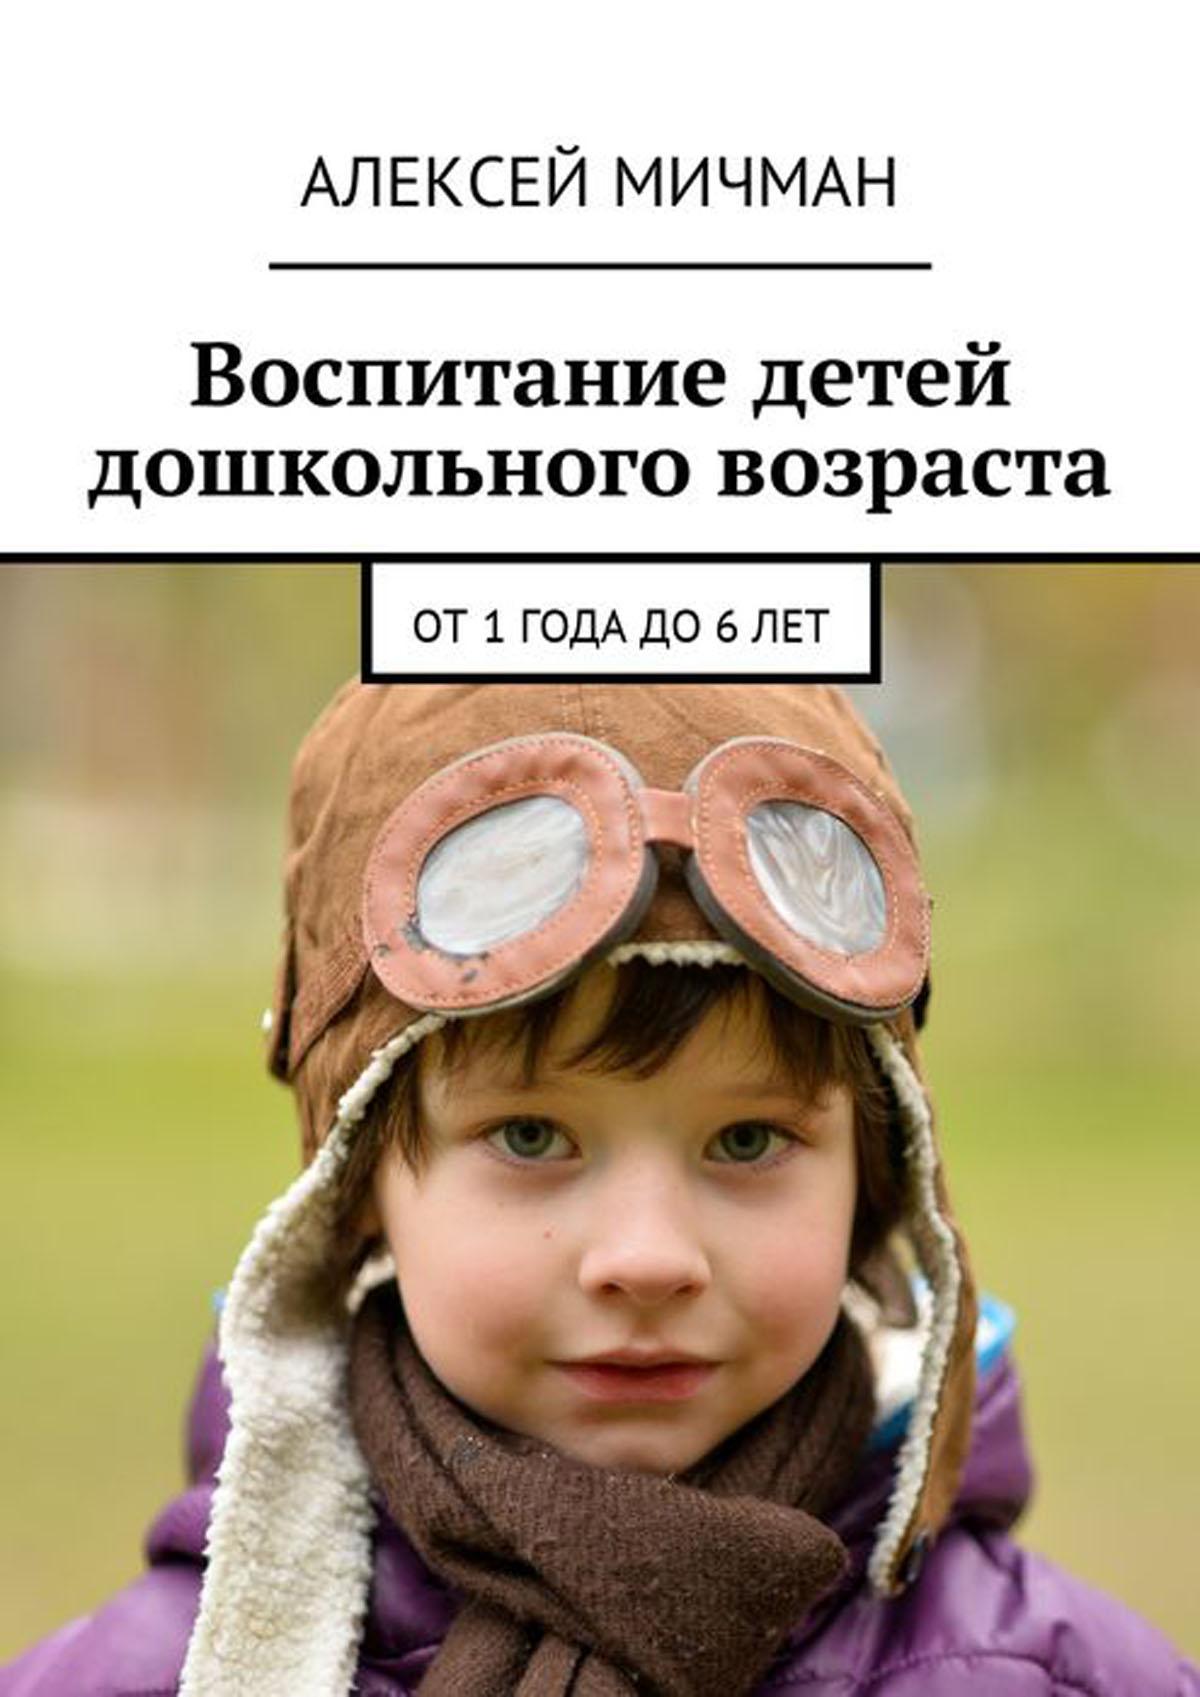 Воспитание детей дошкольного возраста. От 1 года до 6 лет. Мичман Алексей